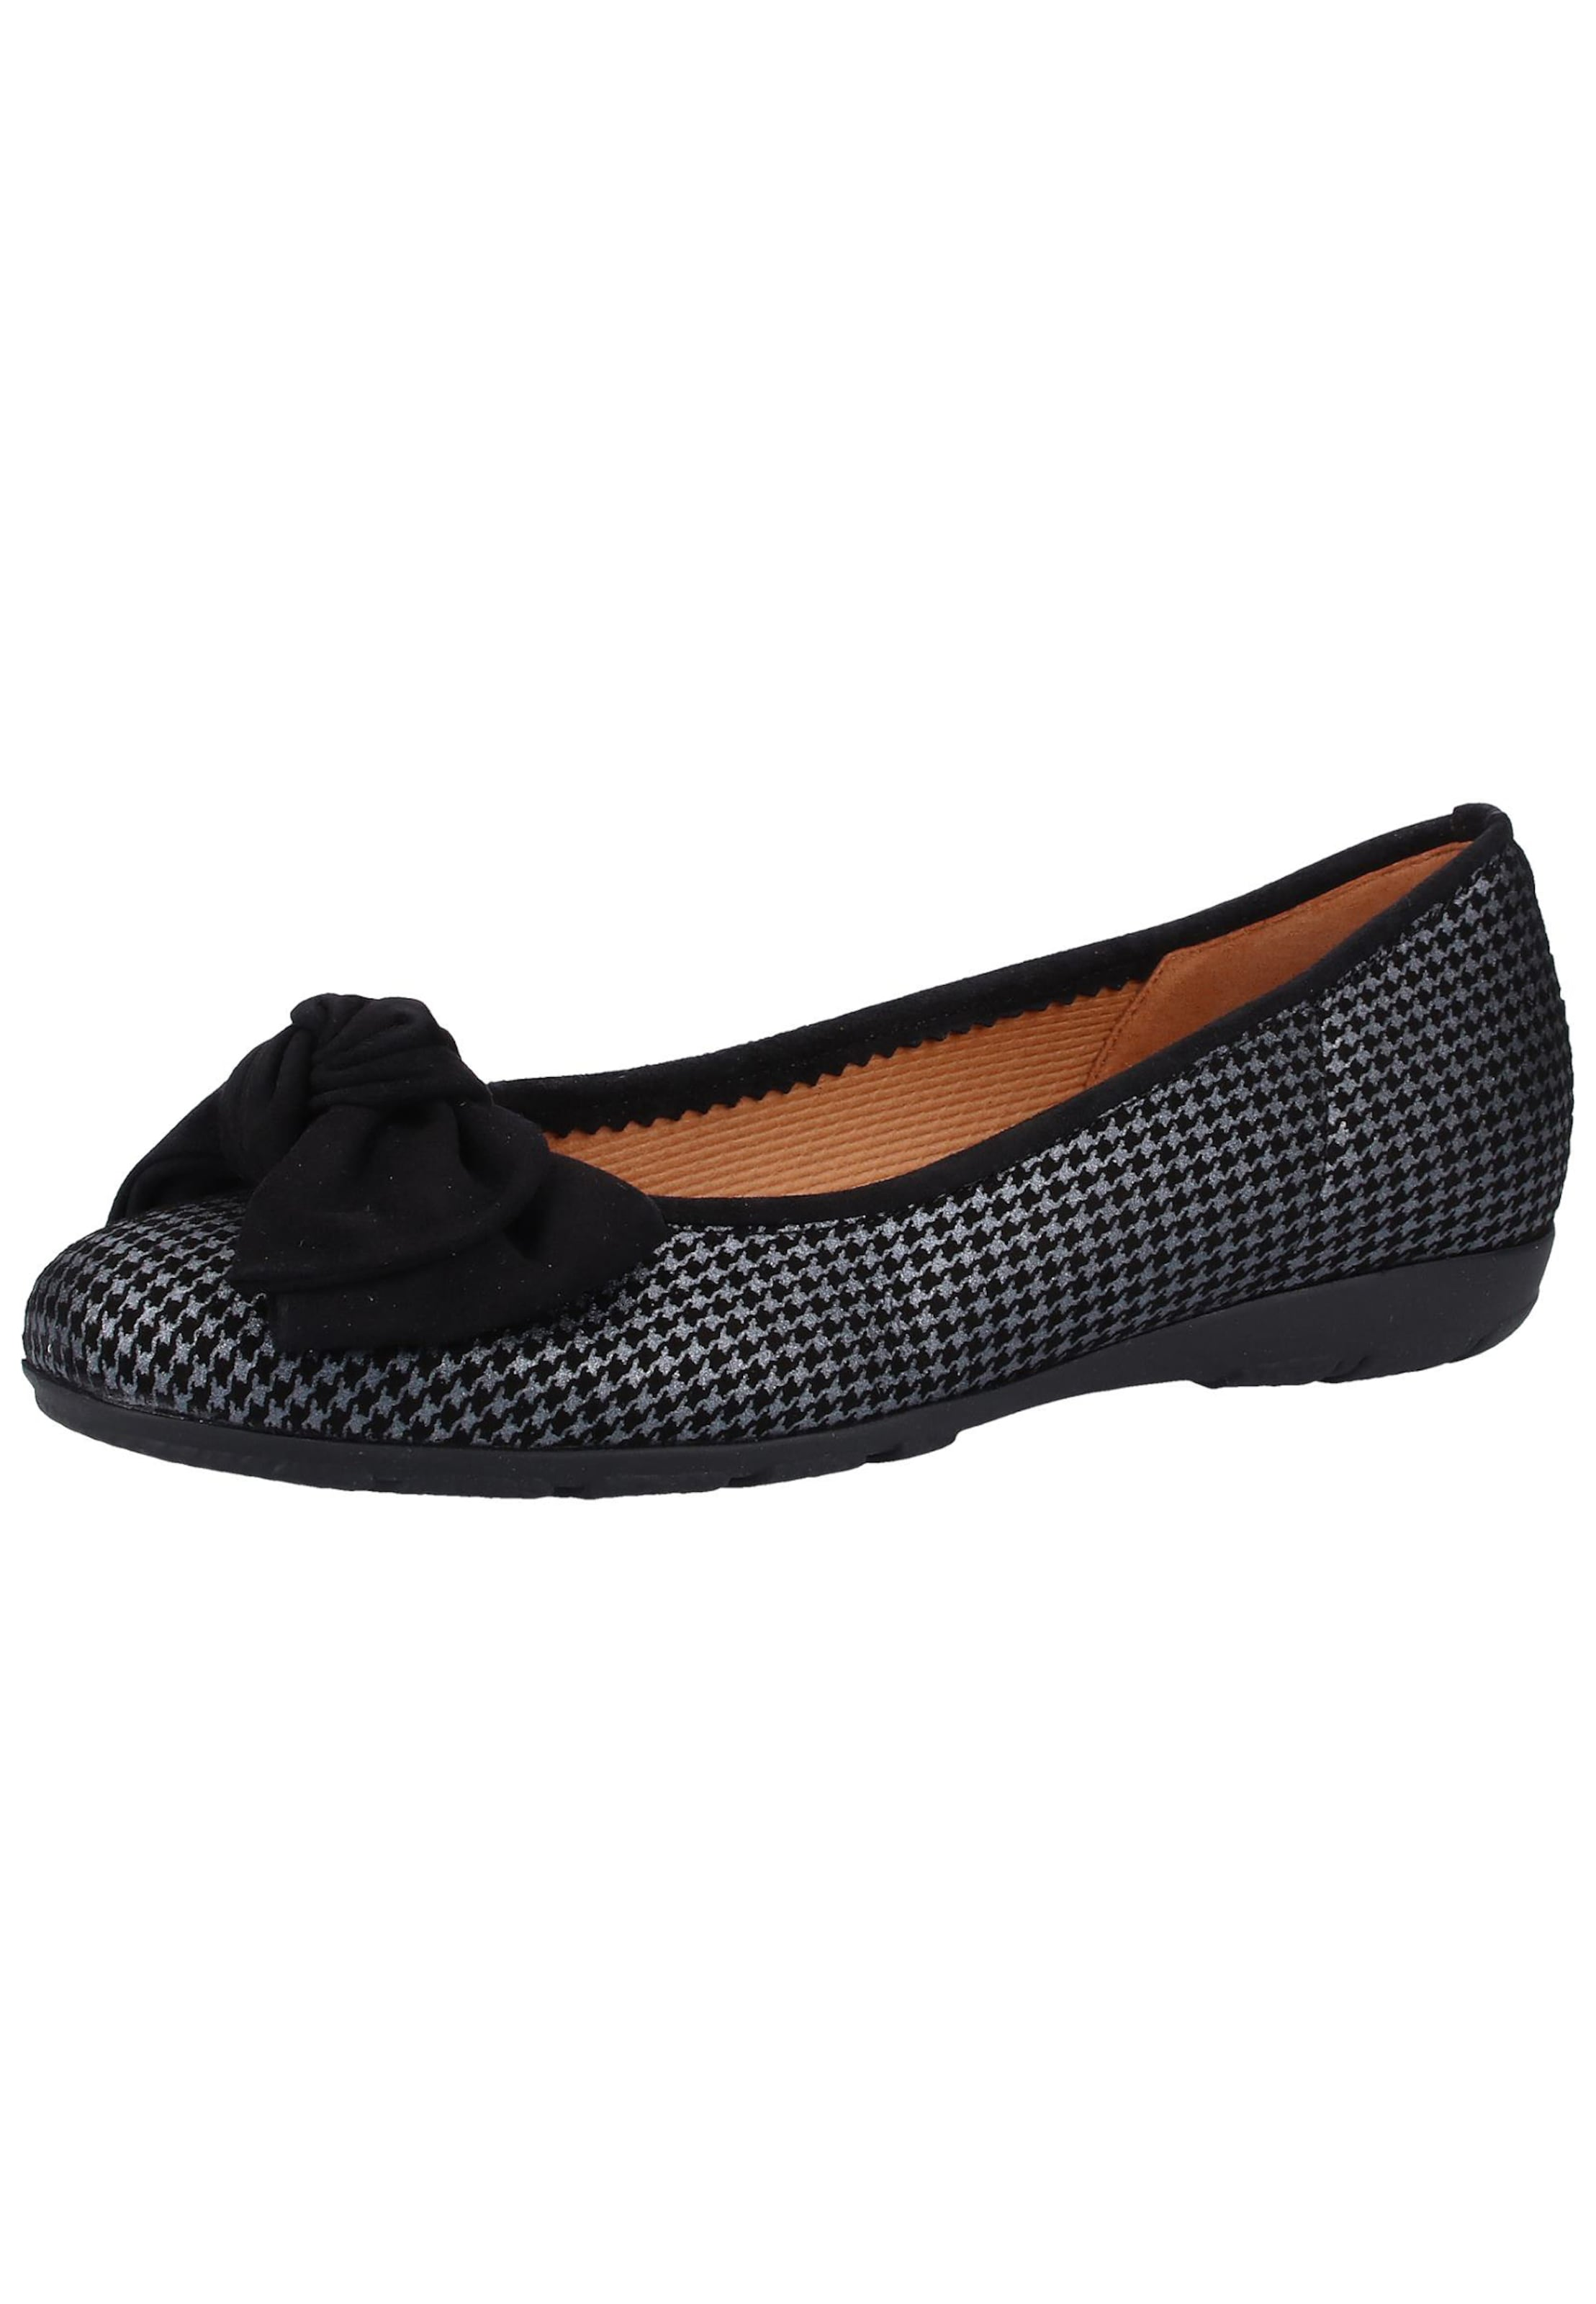 Gabor : Schuhe Online Shop, Serie Schuhe Ist Sehr Reich